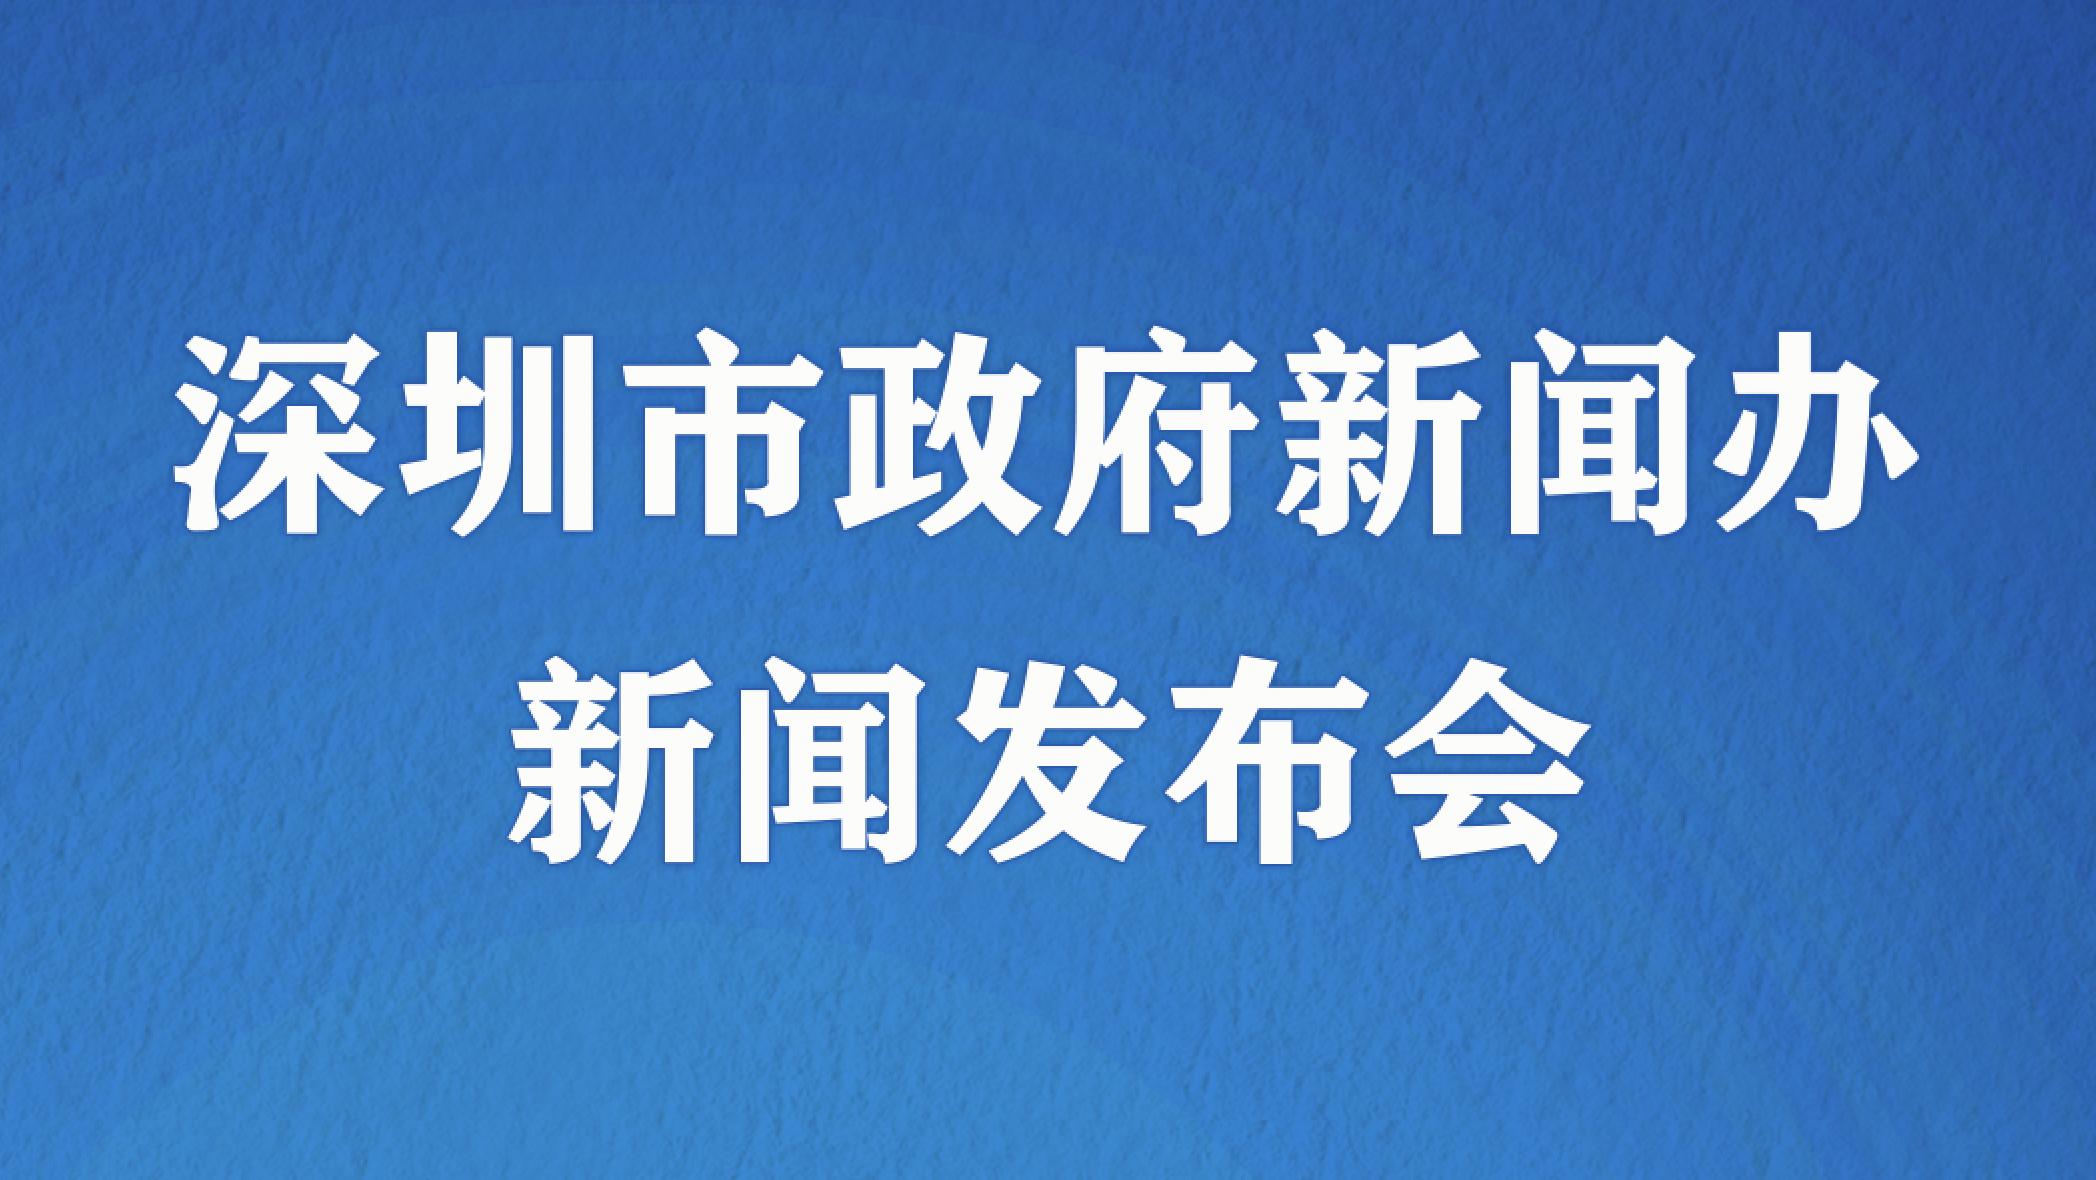 深圳市政府新闻办新闻发布会(基础教育改革专场)